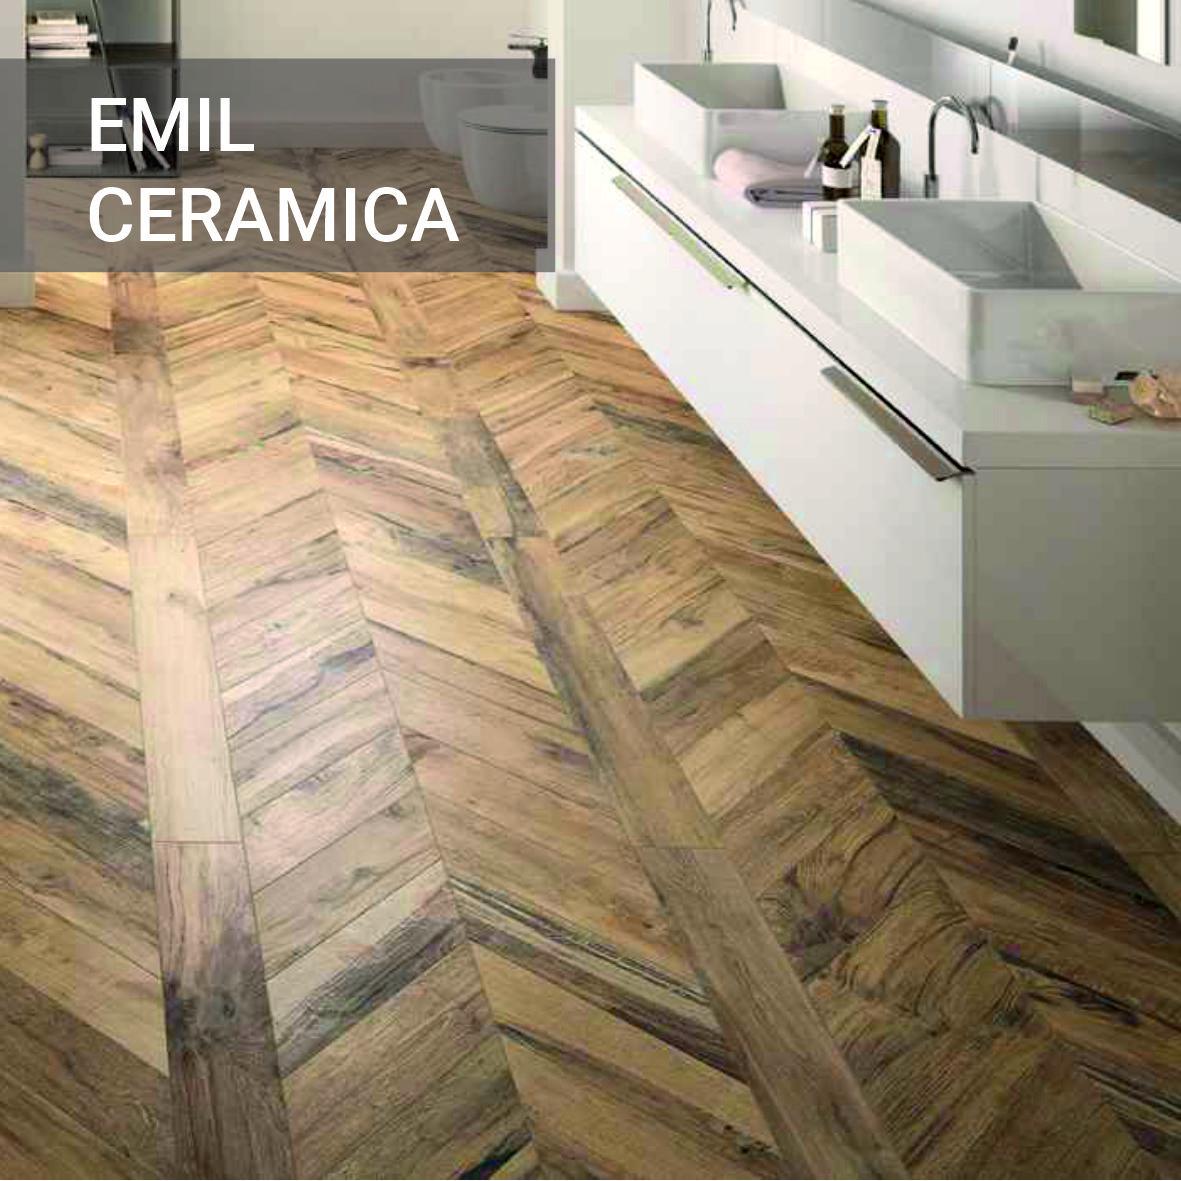 Keramika vrhunskog kvaliteta Emil Ceramica - Primna d.o.o.